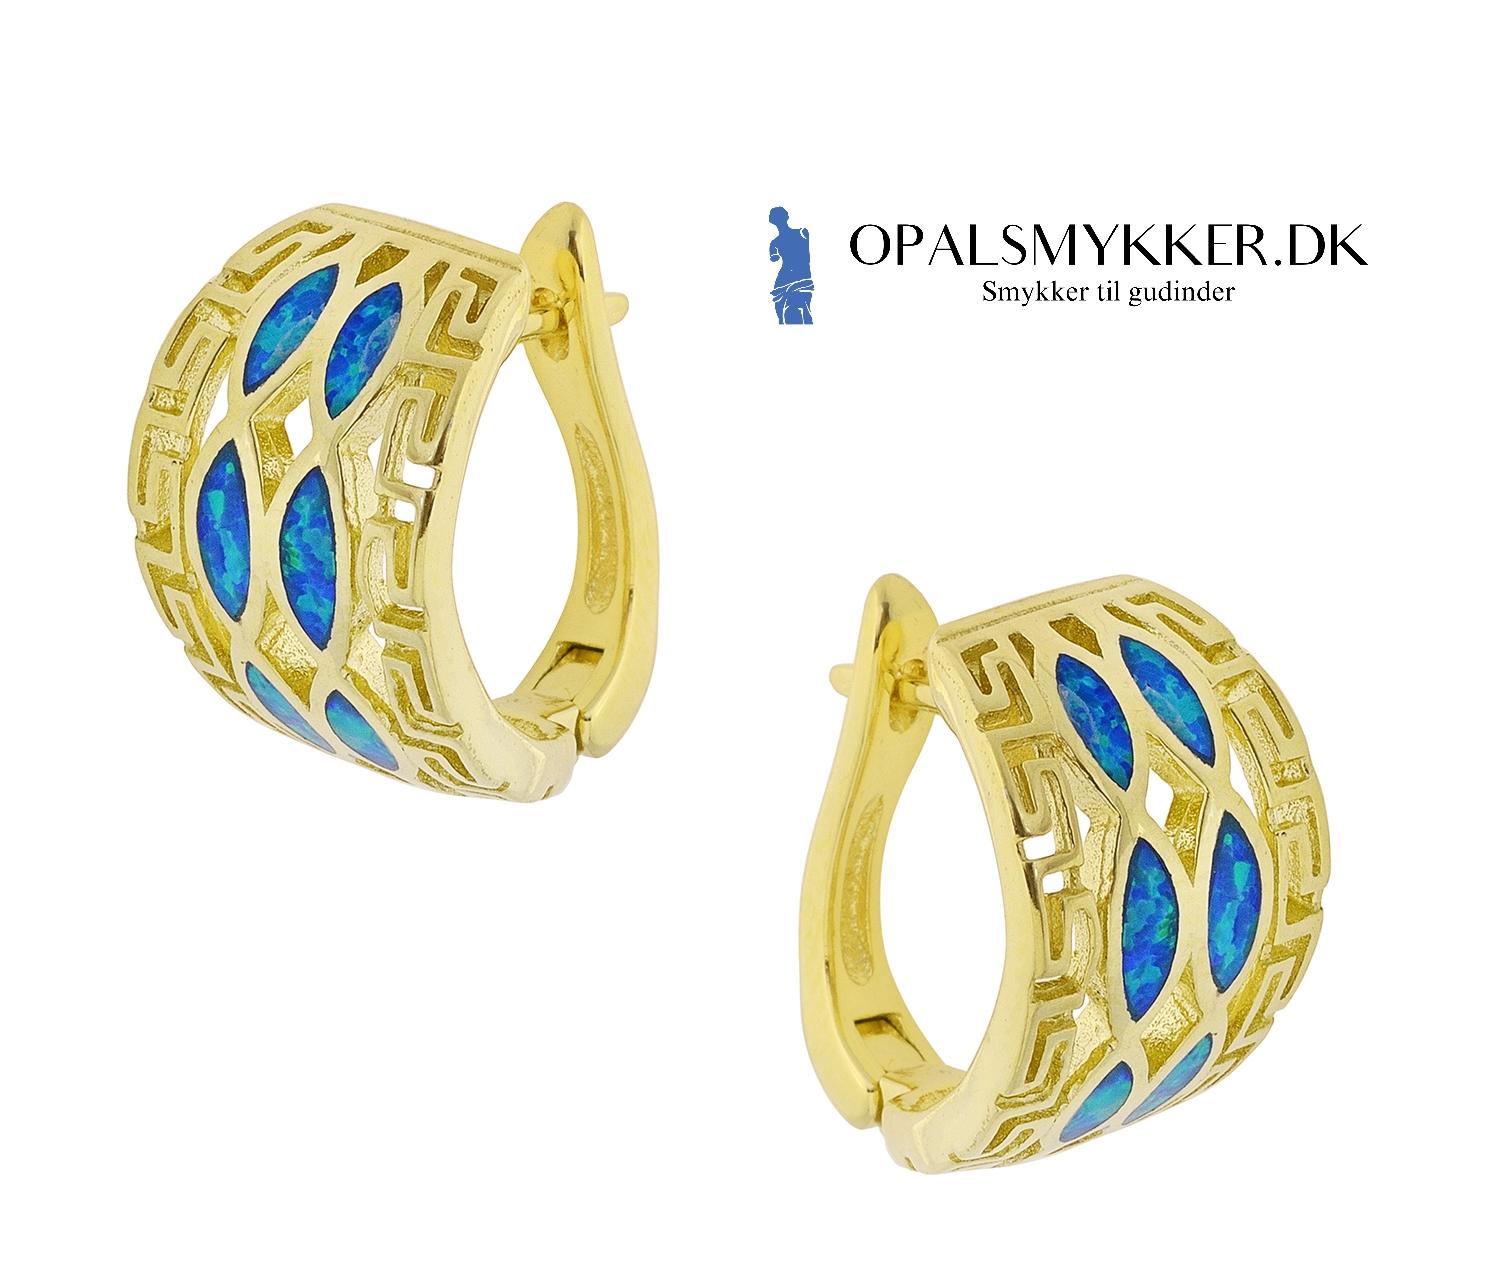 Opal øreringe med guld belægning